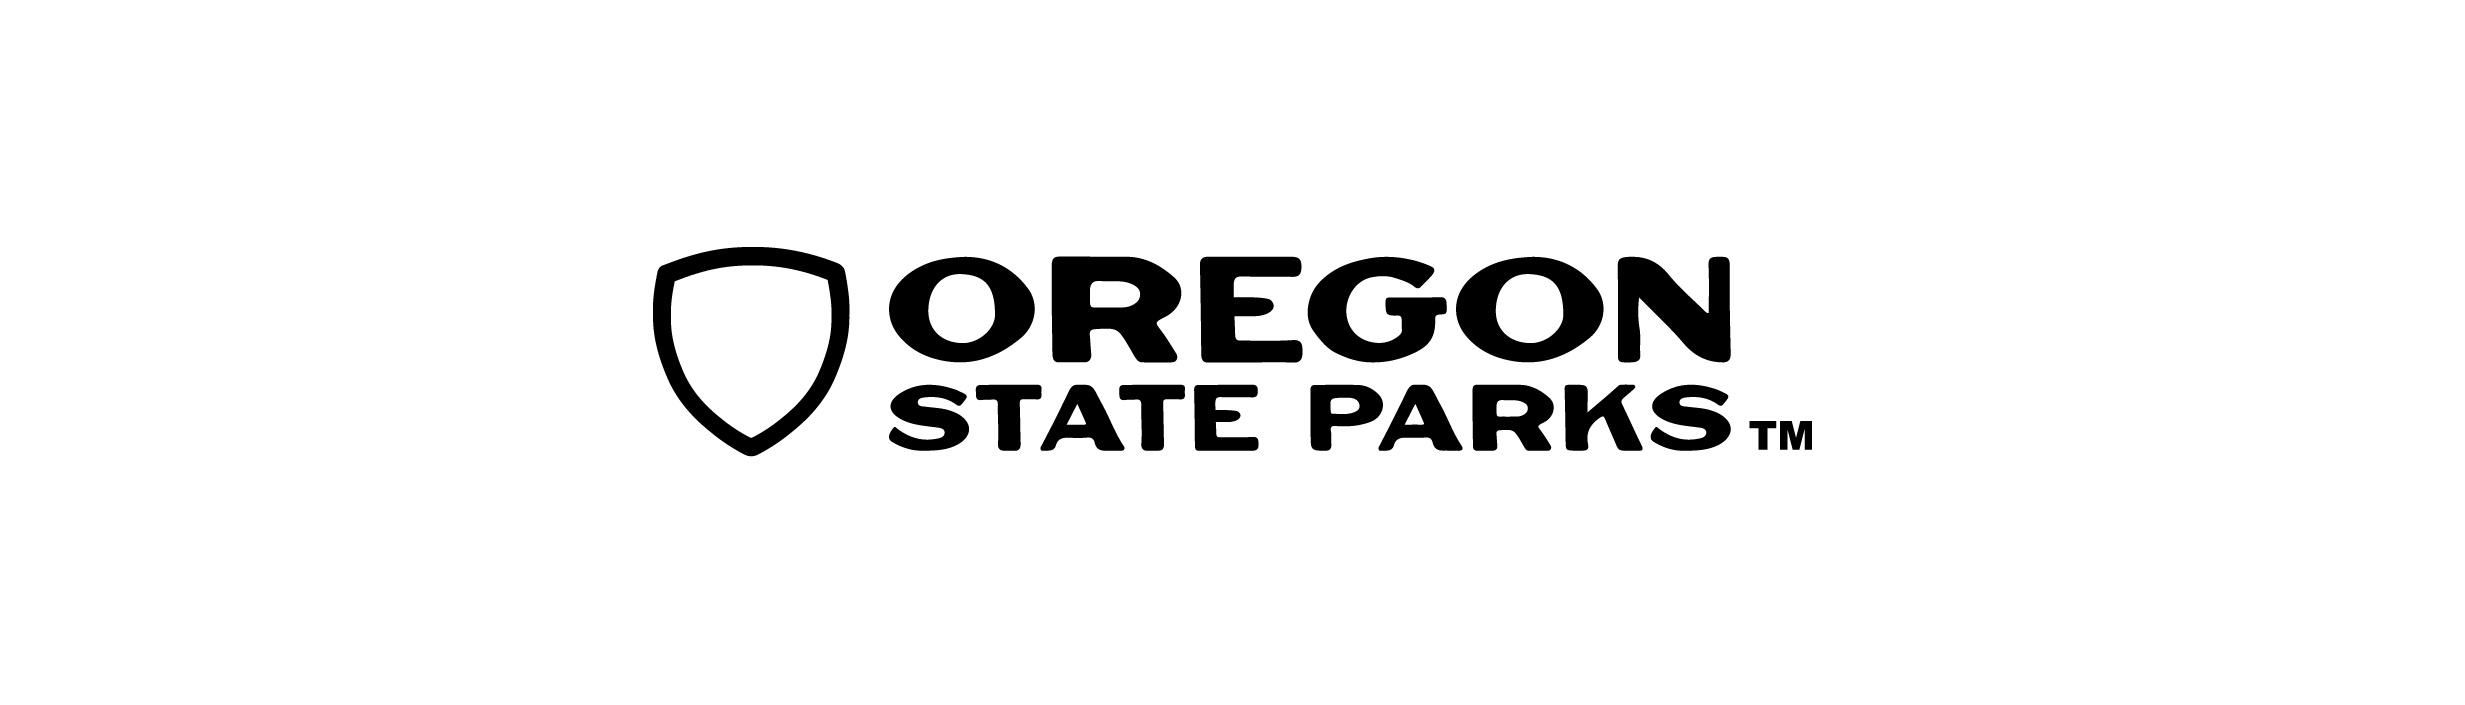 OregonStateParks Cover